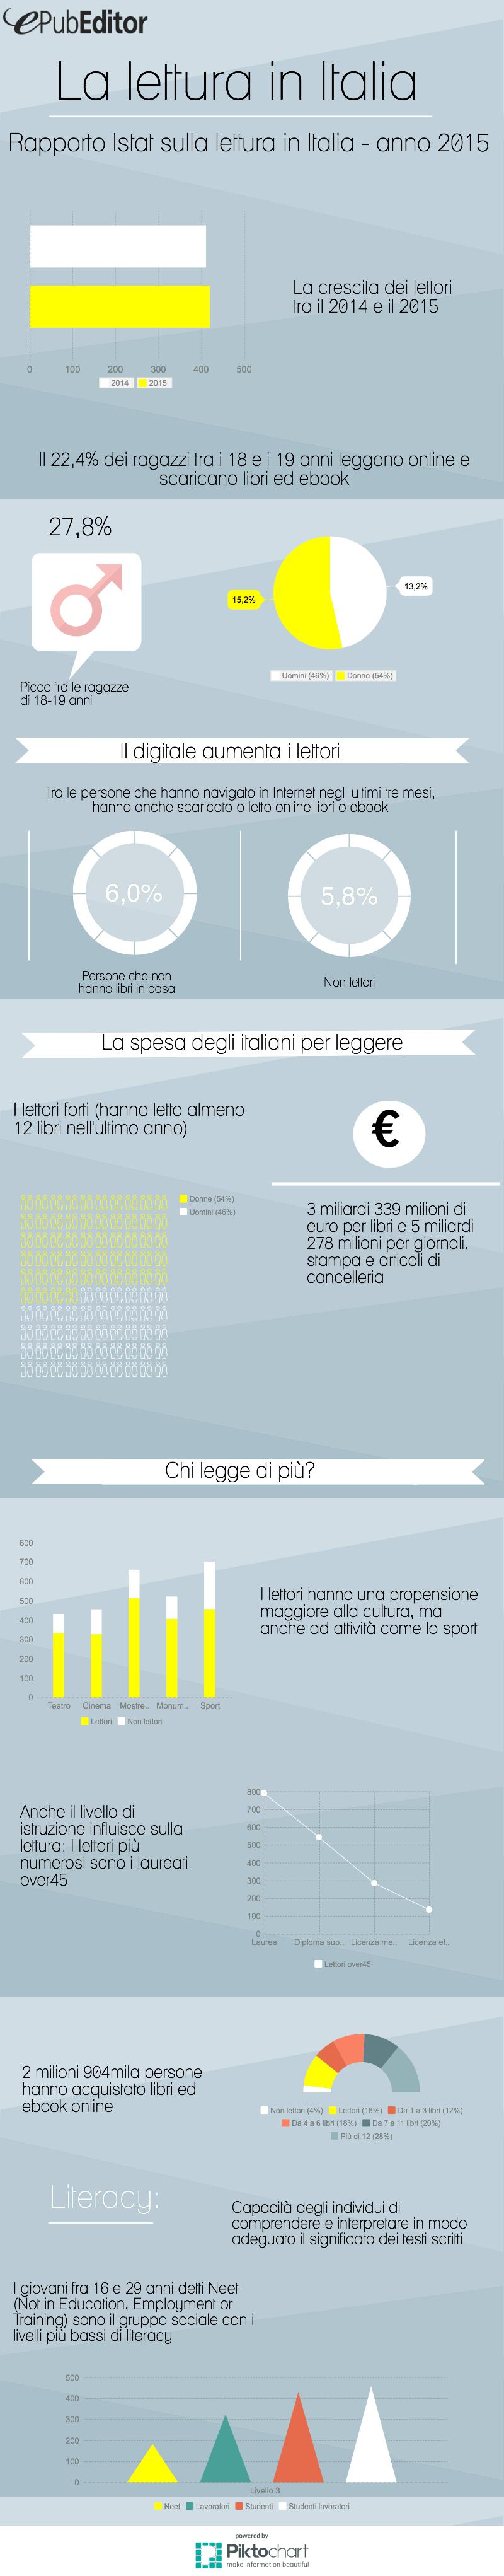 La lettura in Italia